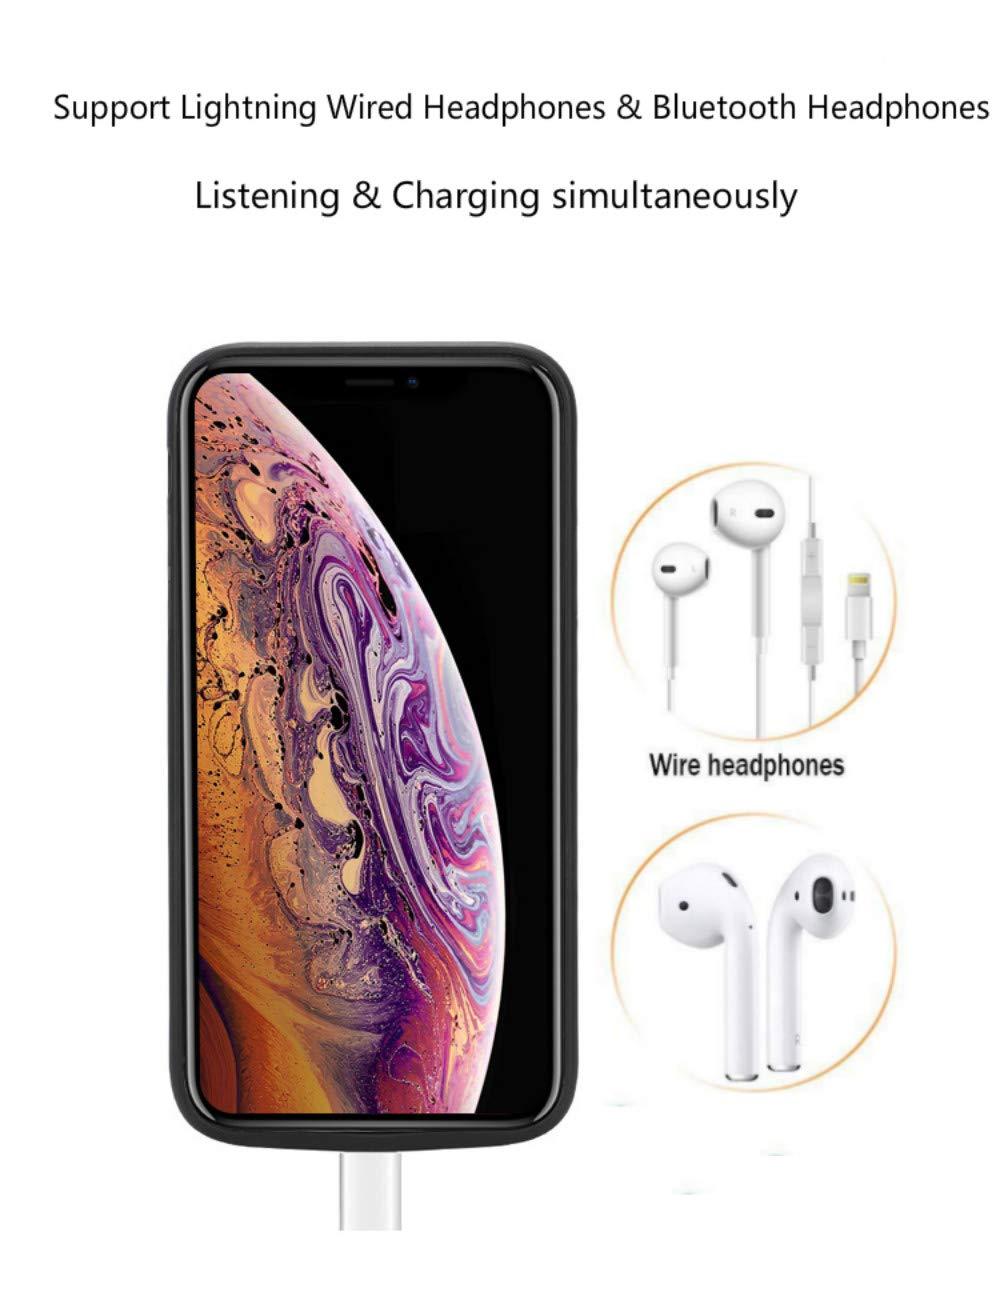 6000mAh Chargeur Portable Batterie Externe Rechargeable Puissante Power Bank Coque Batterie pour iPhone XS Max 6.5 Pouces Fey-EU Coque Batterie pour iPhone XS Max